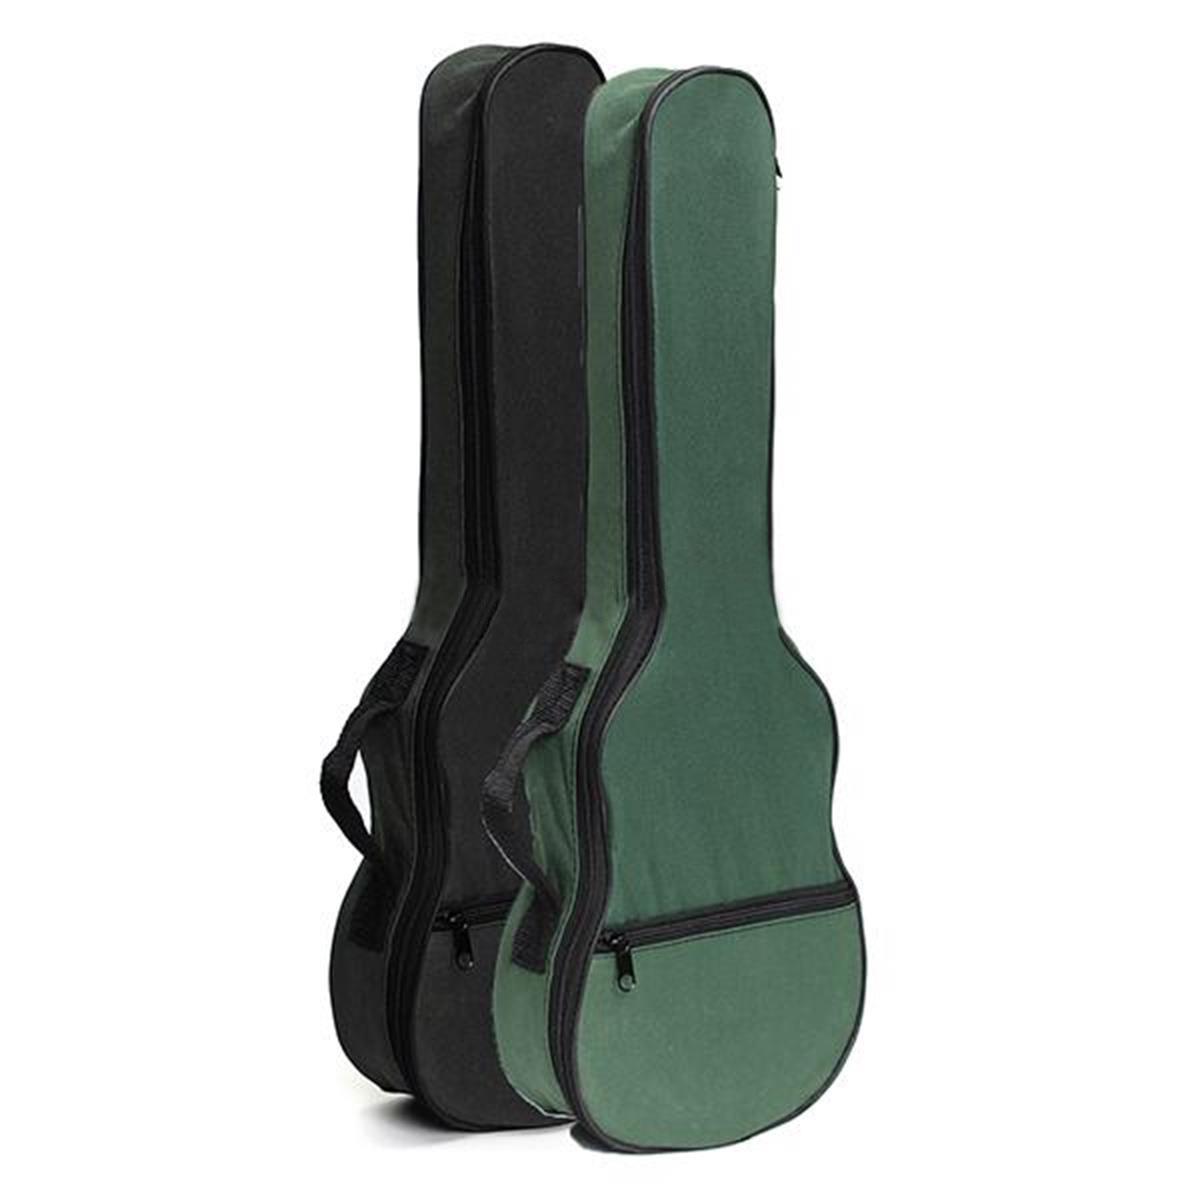 הזברה רך שחור ירוק לשאת מקרה יוקולילי תיק גיטרה אקוסטית תיבה עם רצועות כתף אביזרי חלקי כלי נגינה